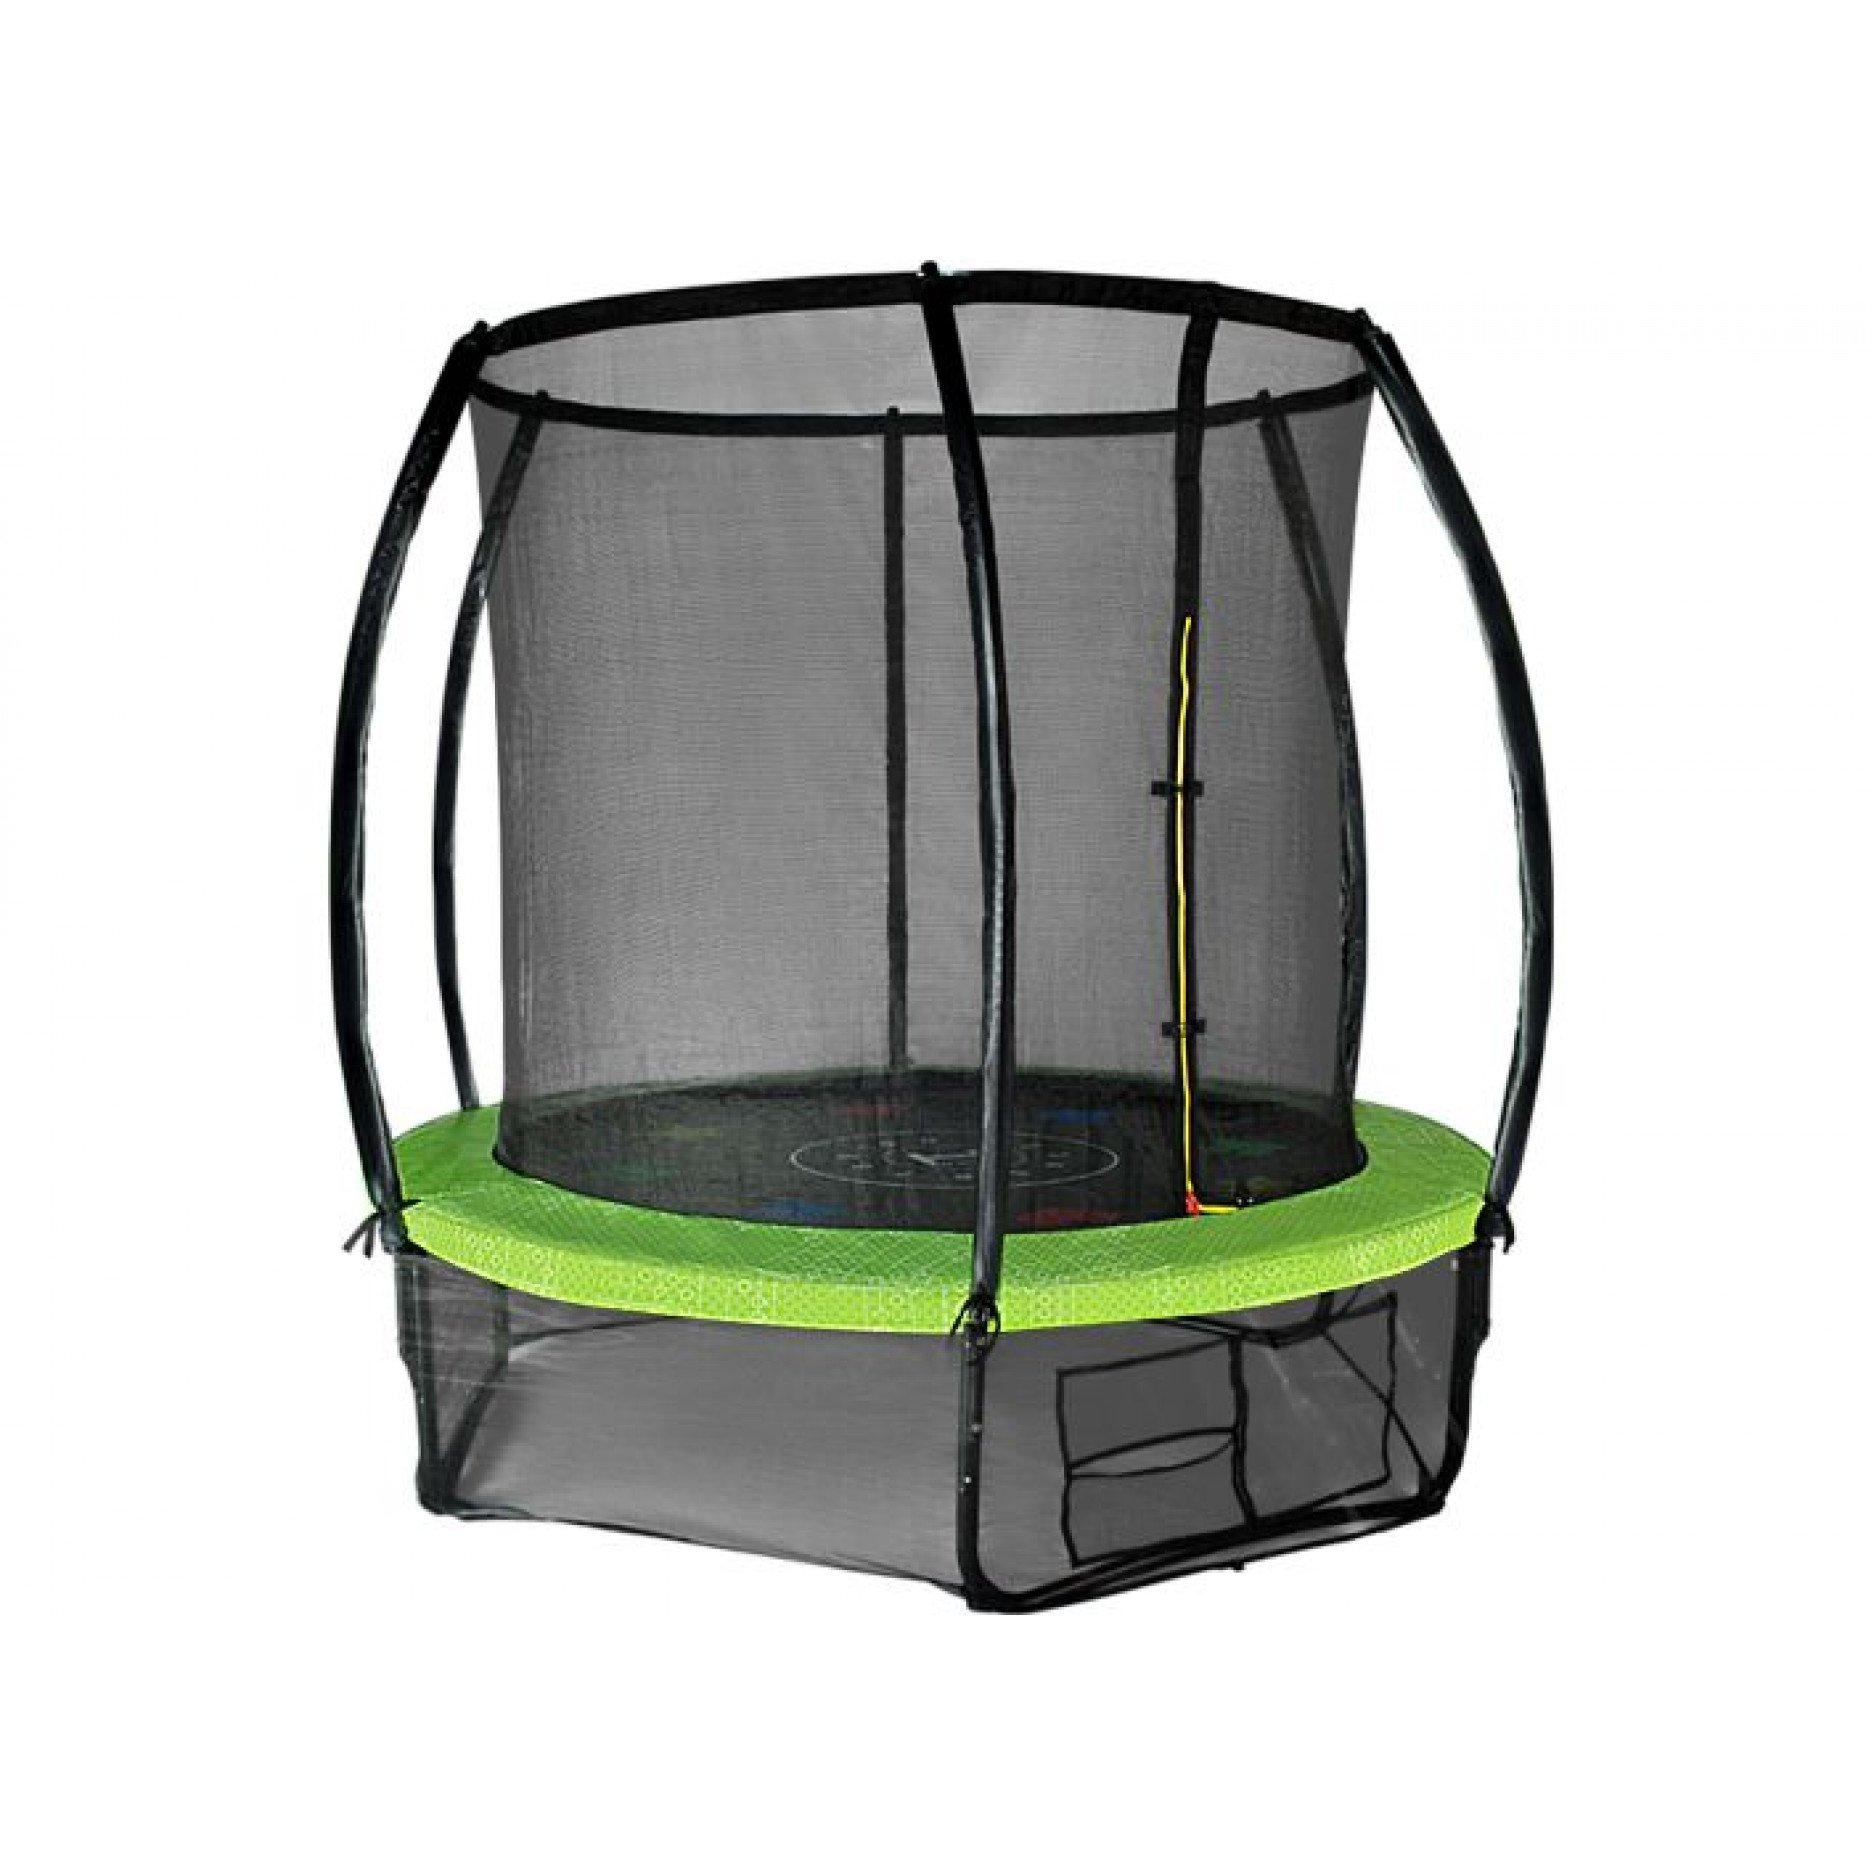 Батут Hasttings Air Game 8ft (2.44 м) с внутренней сеткой